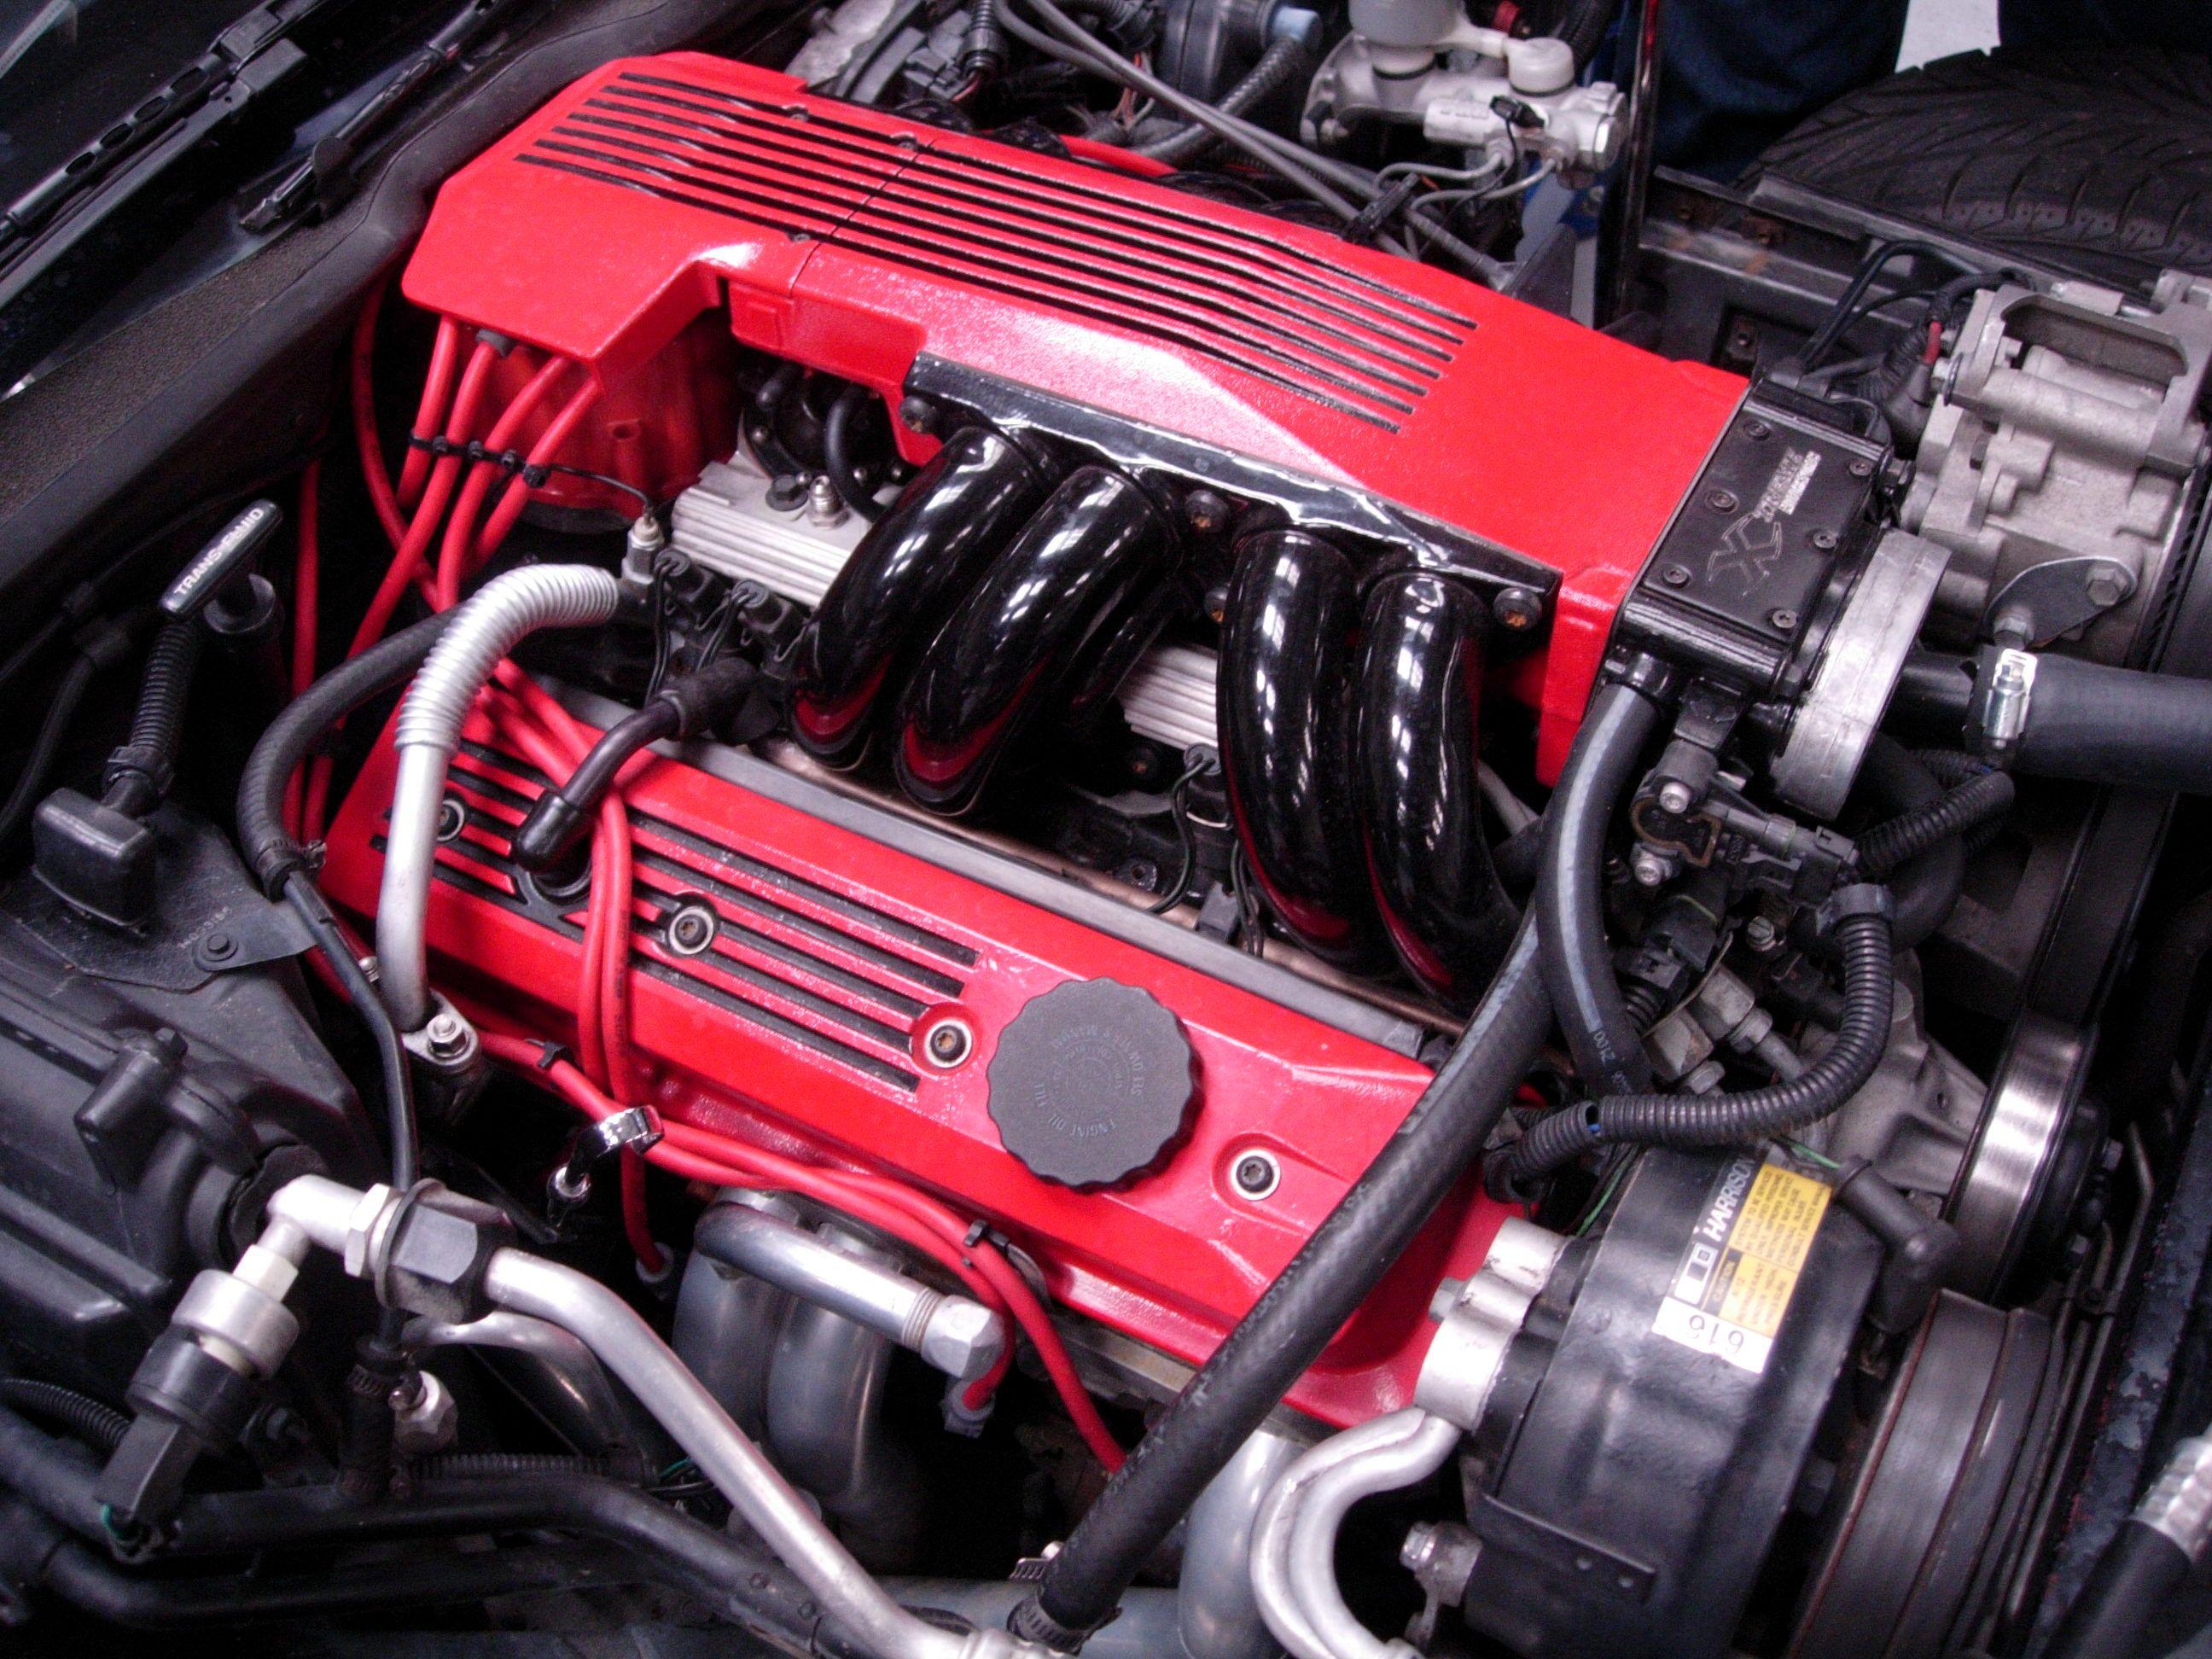 L98 Corvette Motor | L98 Engines for Sale http://forums.corvetteforum.com/c4-parts-for-sale